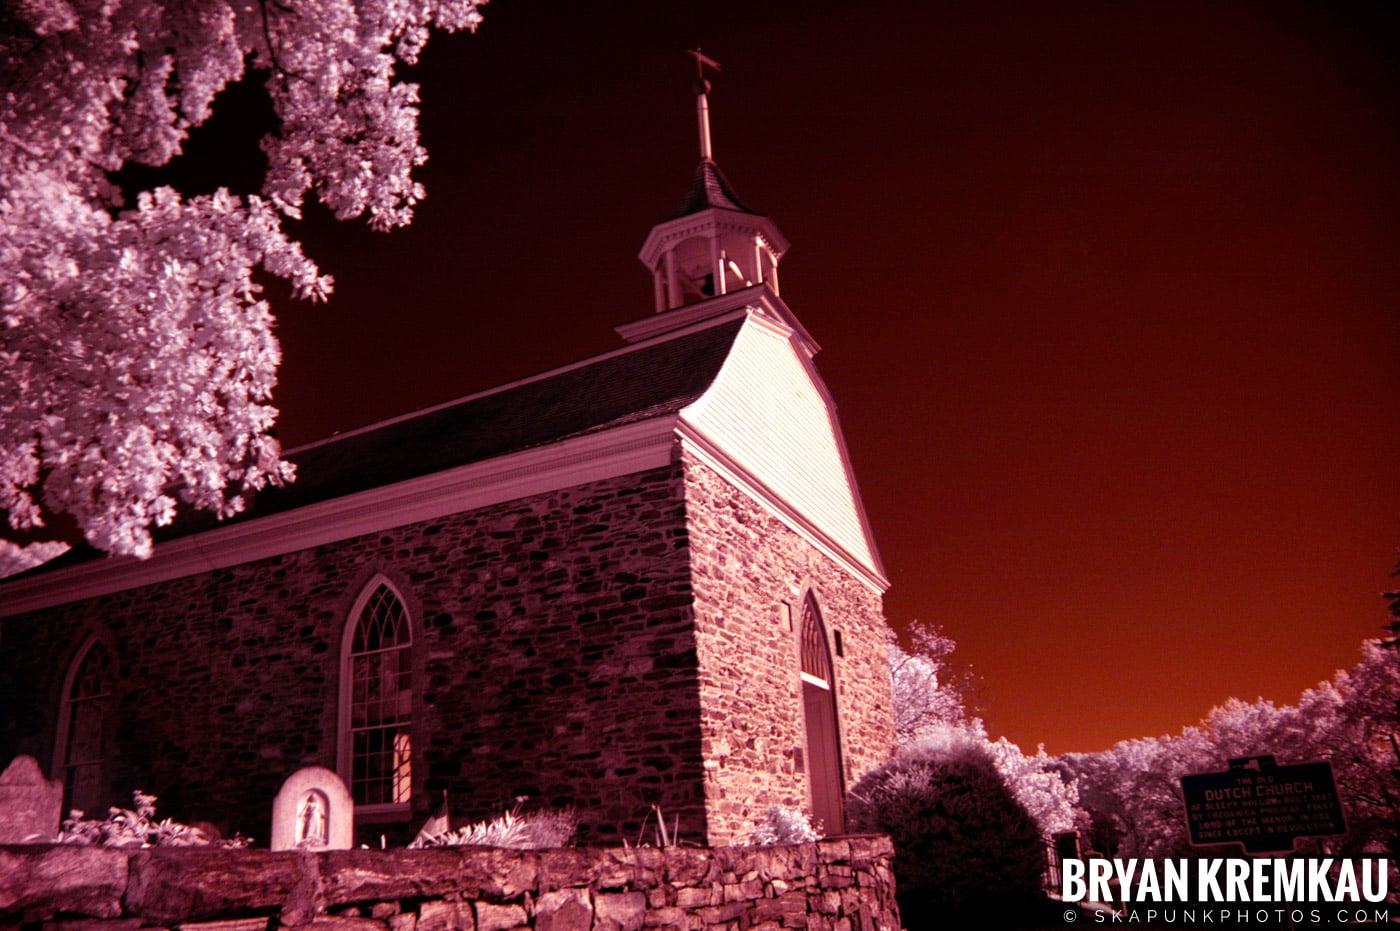 The Old Dutch Church @ Sleepy Hollow, NY - 10.7.06 (17)